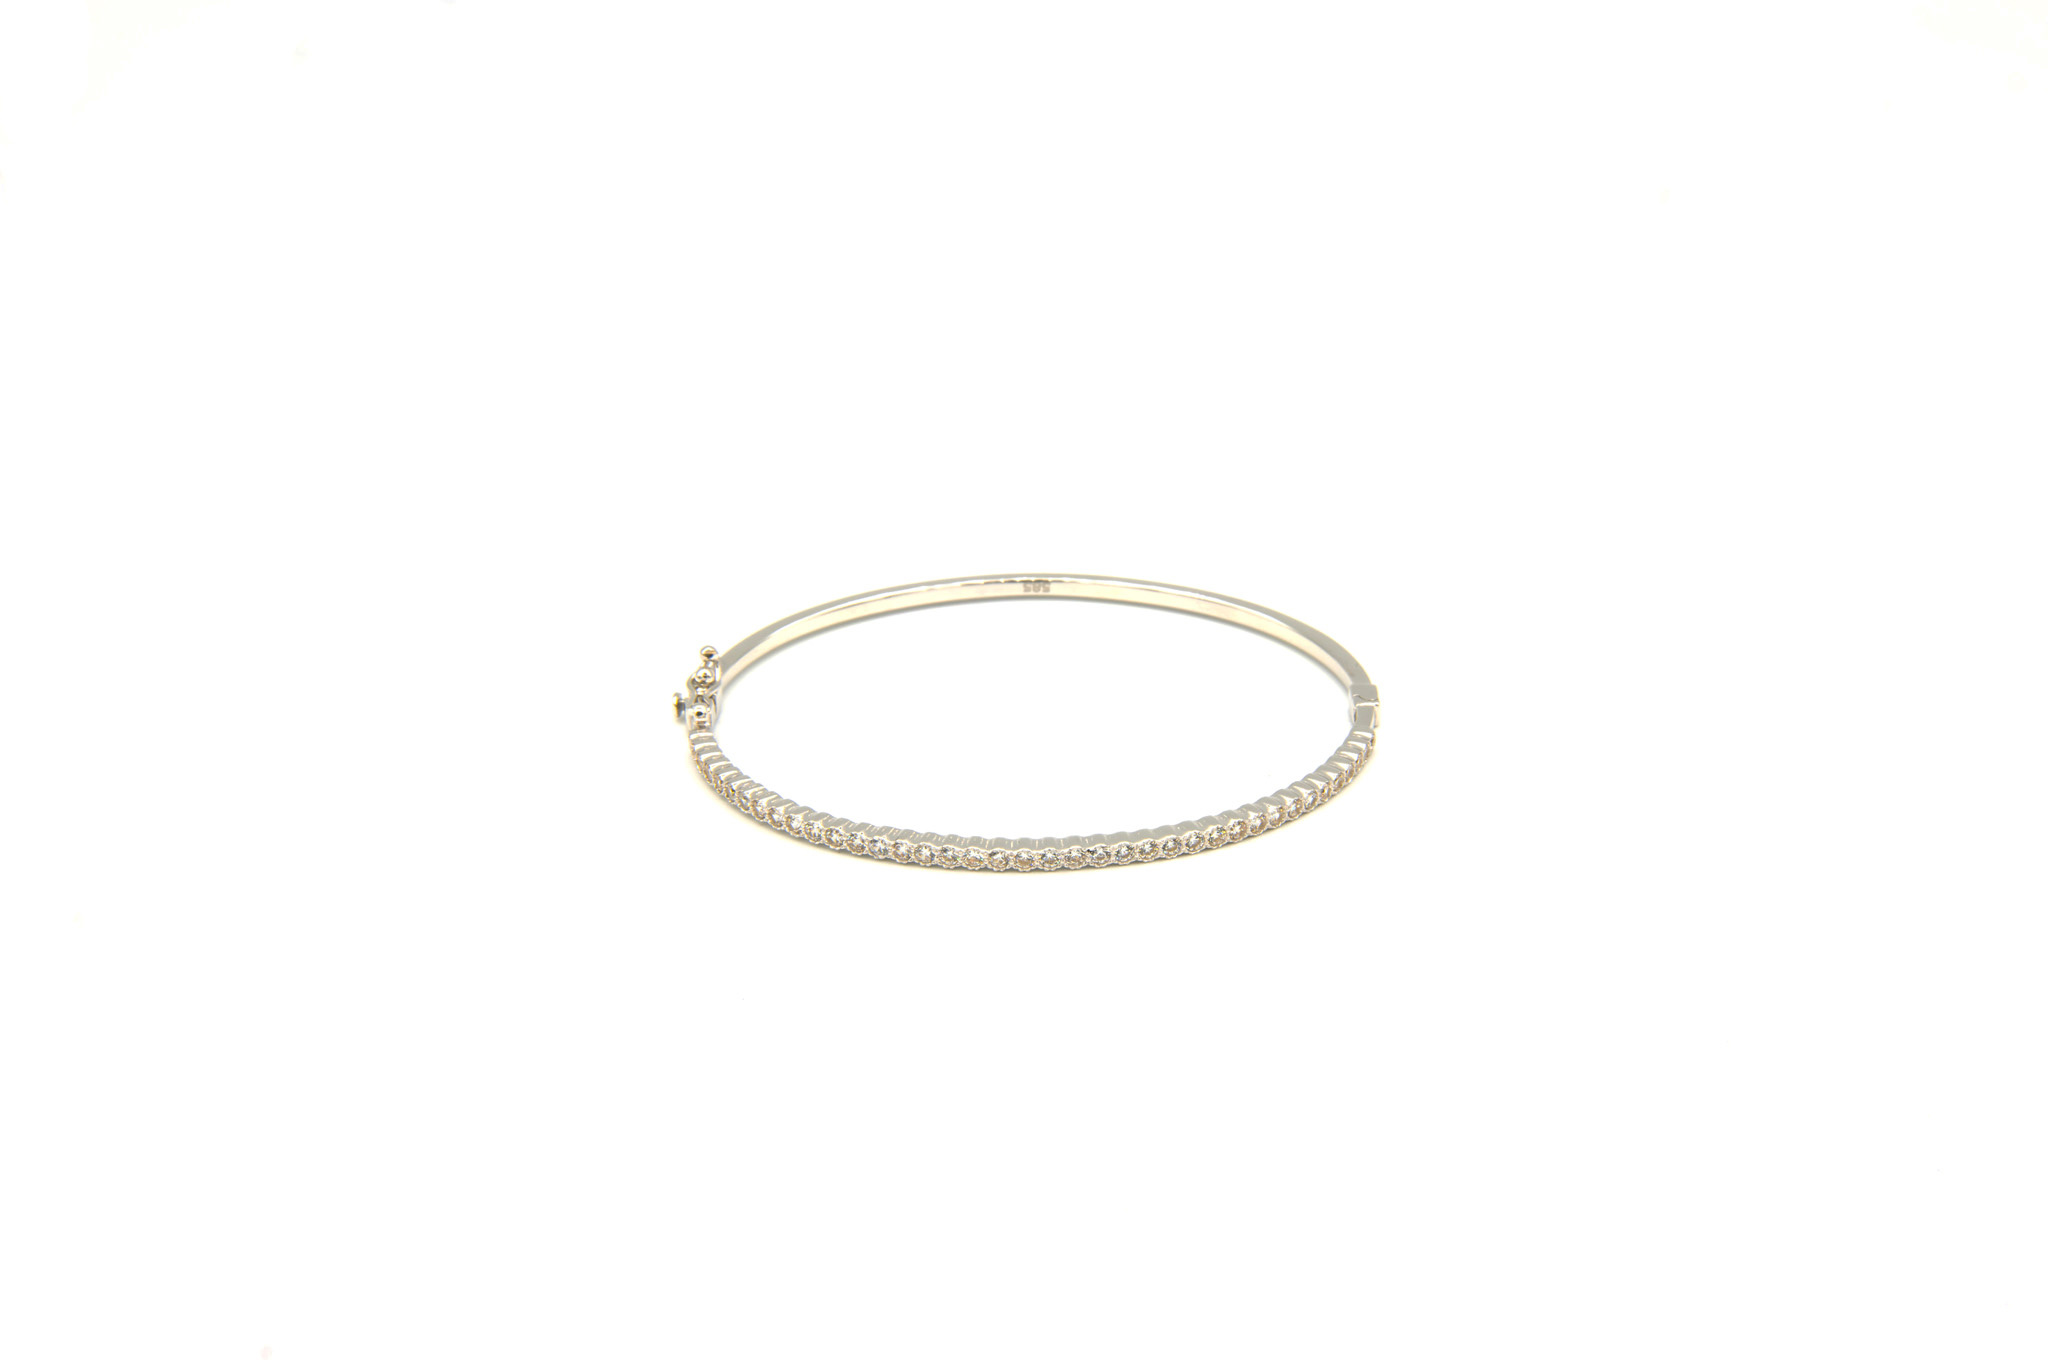 Armband slavenband met zirkonia's witgoud-1